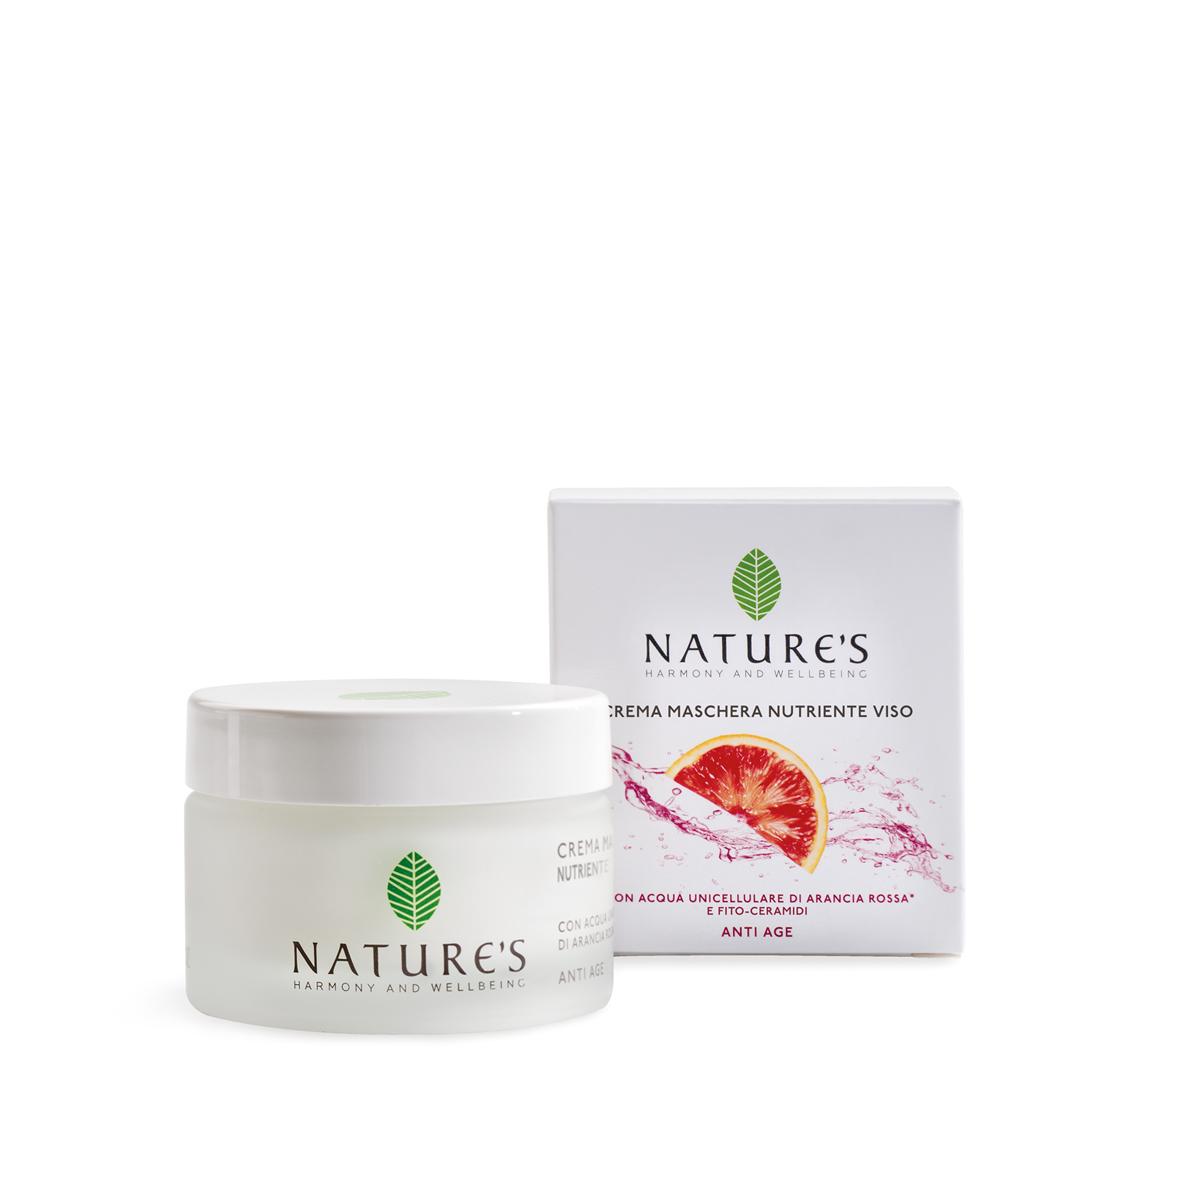 Natures Маска-крем питательная для лица, 50 мл (Bios Line S.p.A)